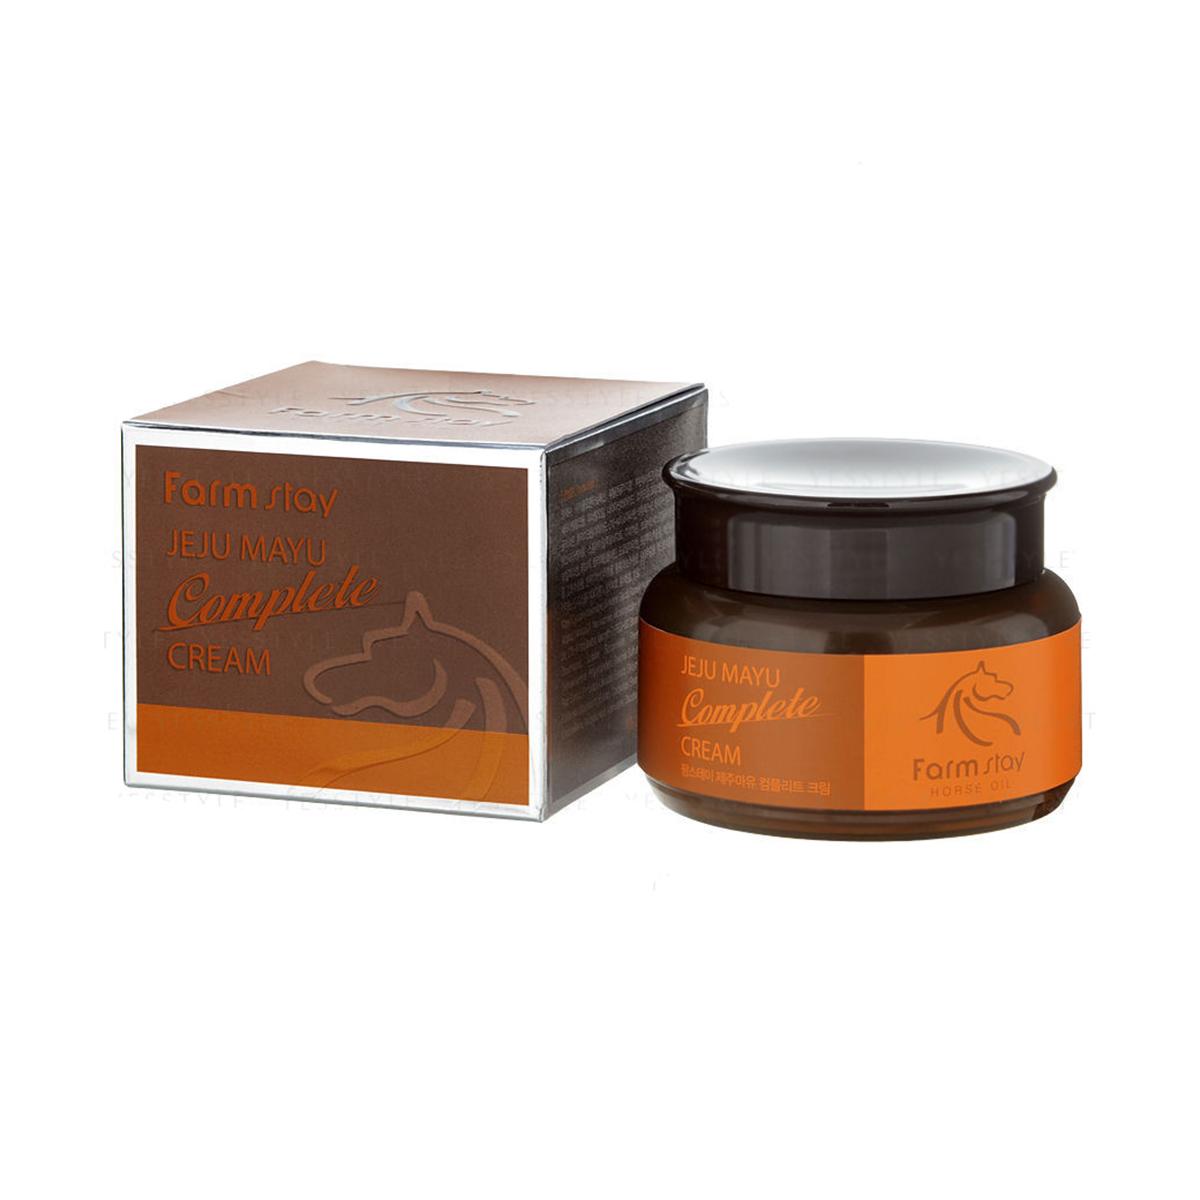 FarmStay Крем с лошадиным маслом для сухой кожи, 100 мл.9771696Крем для лица с лошадиным маслом поможет увлажнить кожу, предотвратить пересыхание и обезвоживание, разгладить морщинки и предотвратить возникновение новых. Лошадиный жир- 100% натуральный продукт, традиционное азиатское средство, с помощью которого справлялись с сухостью эпидермиса, лечили ожоги и другие повреждения кожи. Животный жир богат незаменимыми жирными кислотами (например, в нем содержится альфа-липоевая и линолевая кислоты, а также витамин А и Е). Лошадиный жир особенно ценится тем, что он лучше других жиров усваивается кожей, так как имеет состав, схожий с человеческой жировой секрецией. Именно поэтому данное вещество не отторгается кожей. Крем питает, увлажняет эпидермис, разглаживает морщины, делает кожу более упругой. Конский жир увлажняет кожу, сохраняя ее здоровье и молодость.Крем с лошадиным жиром подходит для ухода за кожей любого типа, но особенно рекомендуется для сухой кожи, а также для кожи с раздражениями и шелушениями.